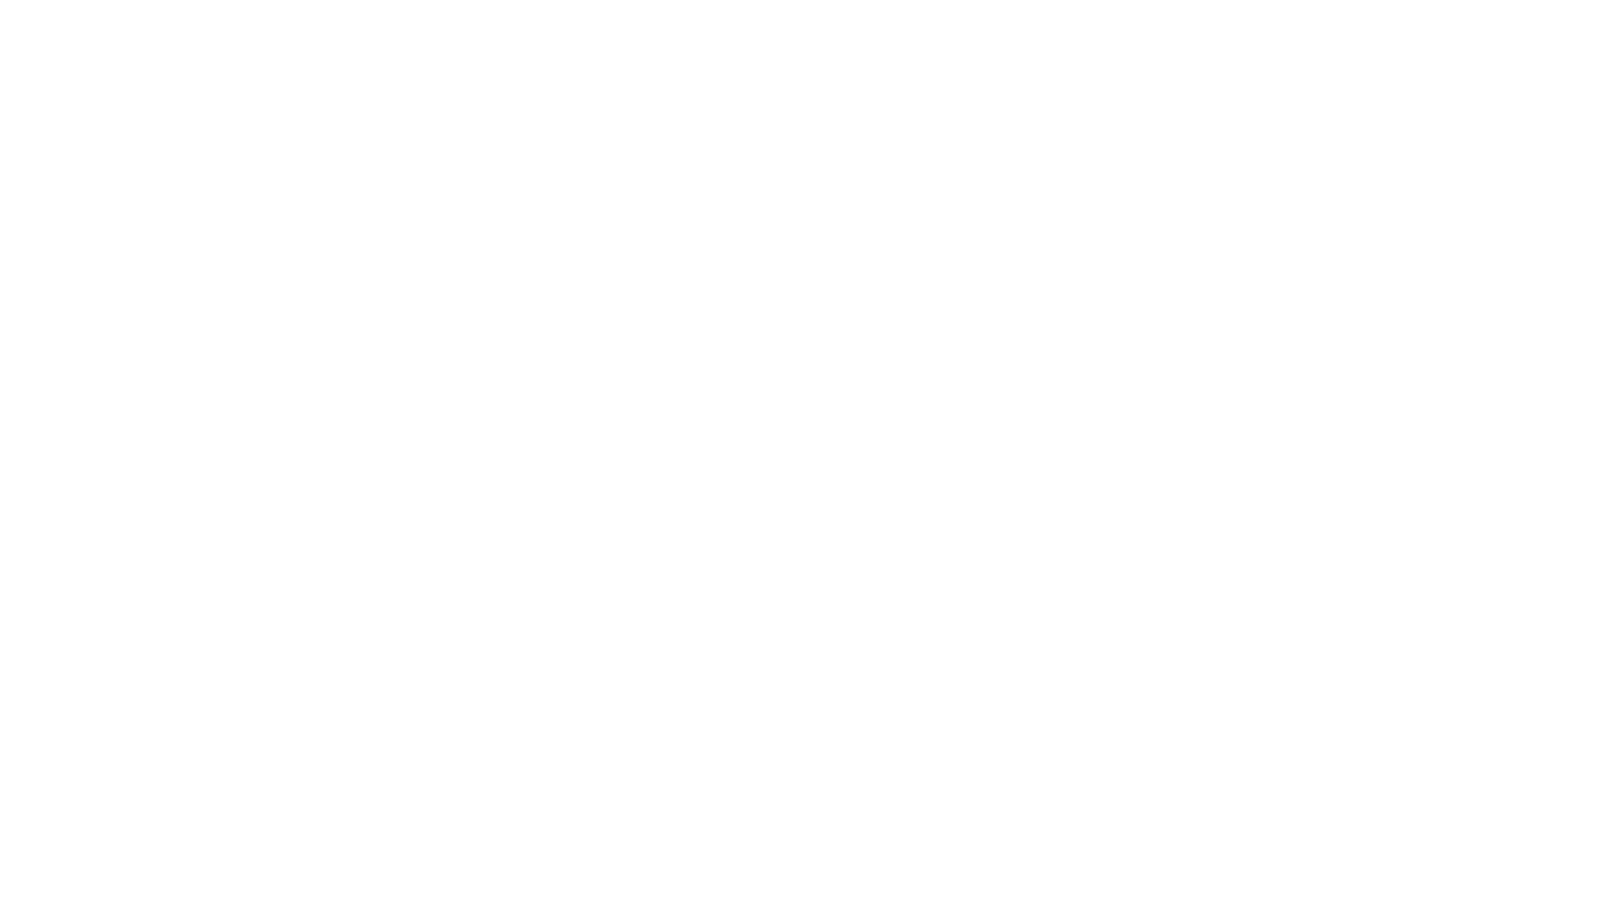 Akimirkos iš Utenos Utenis akademijos sezono atidarymo švents